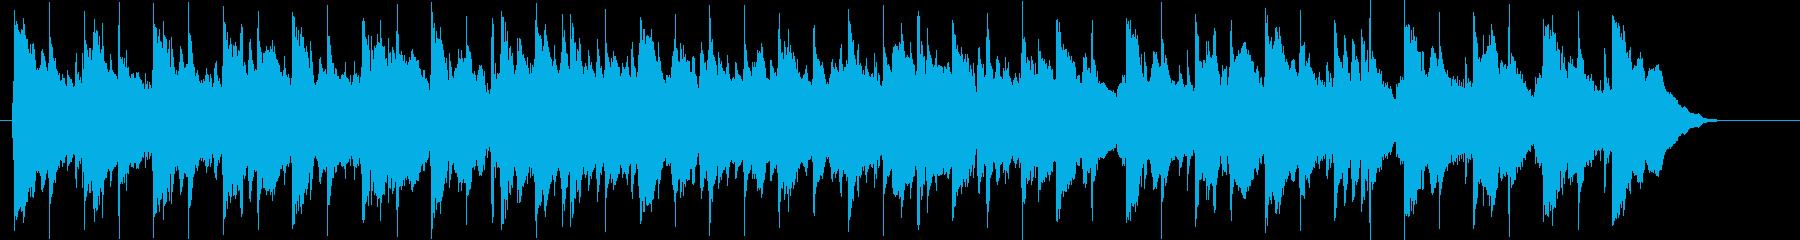 しっとりとして落ち着くアコギ曲の再生済みの波形